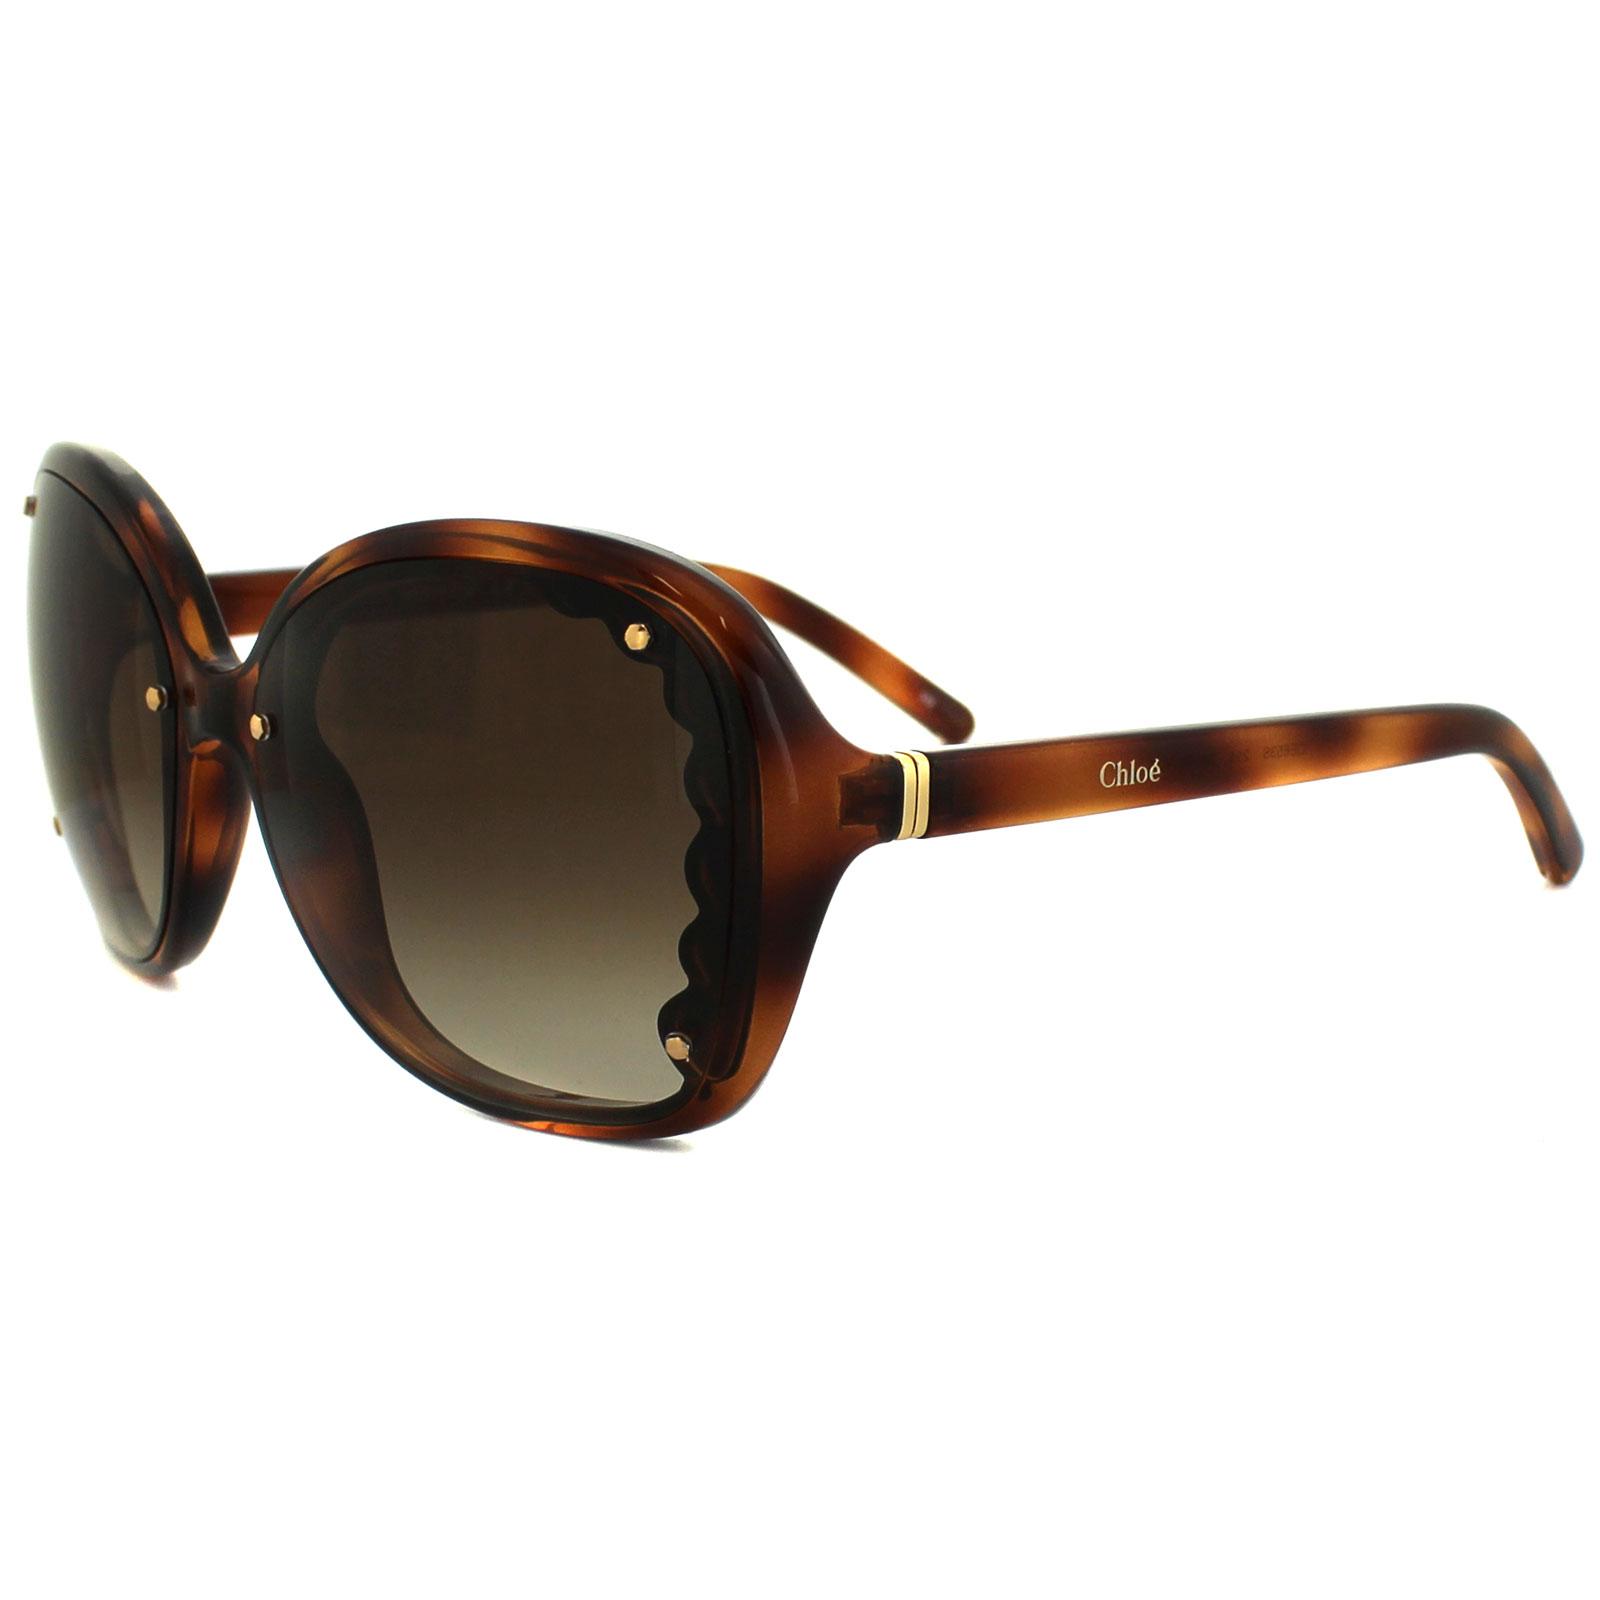 9db6263b6a40 Fake Chloe Sunglasses Ebay